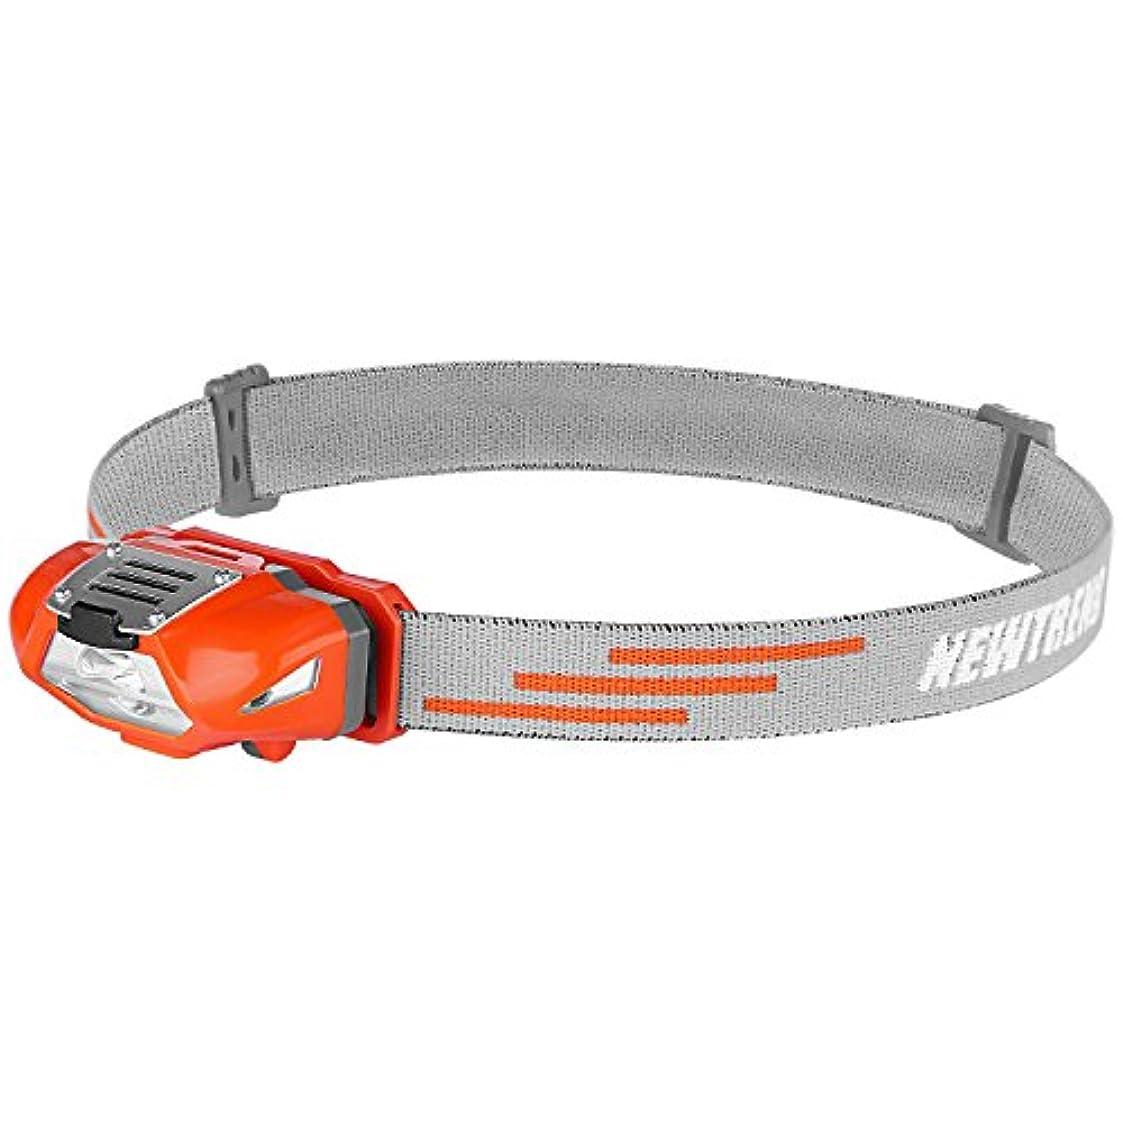 アカウントポータブルモンキーNEWTREND® LEDヘッドライト 電池式 ライト ヘッド ヘッドランプ 帽子ライト IPX6 防水 小型 軽量 ポータブルポーチ付き 防災 登山 探険 夜行 ランニング 子供用に最適